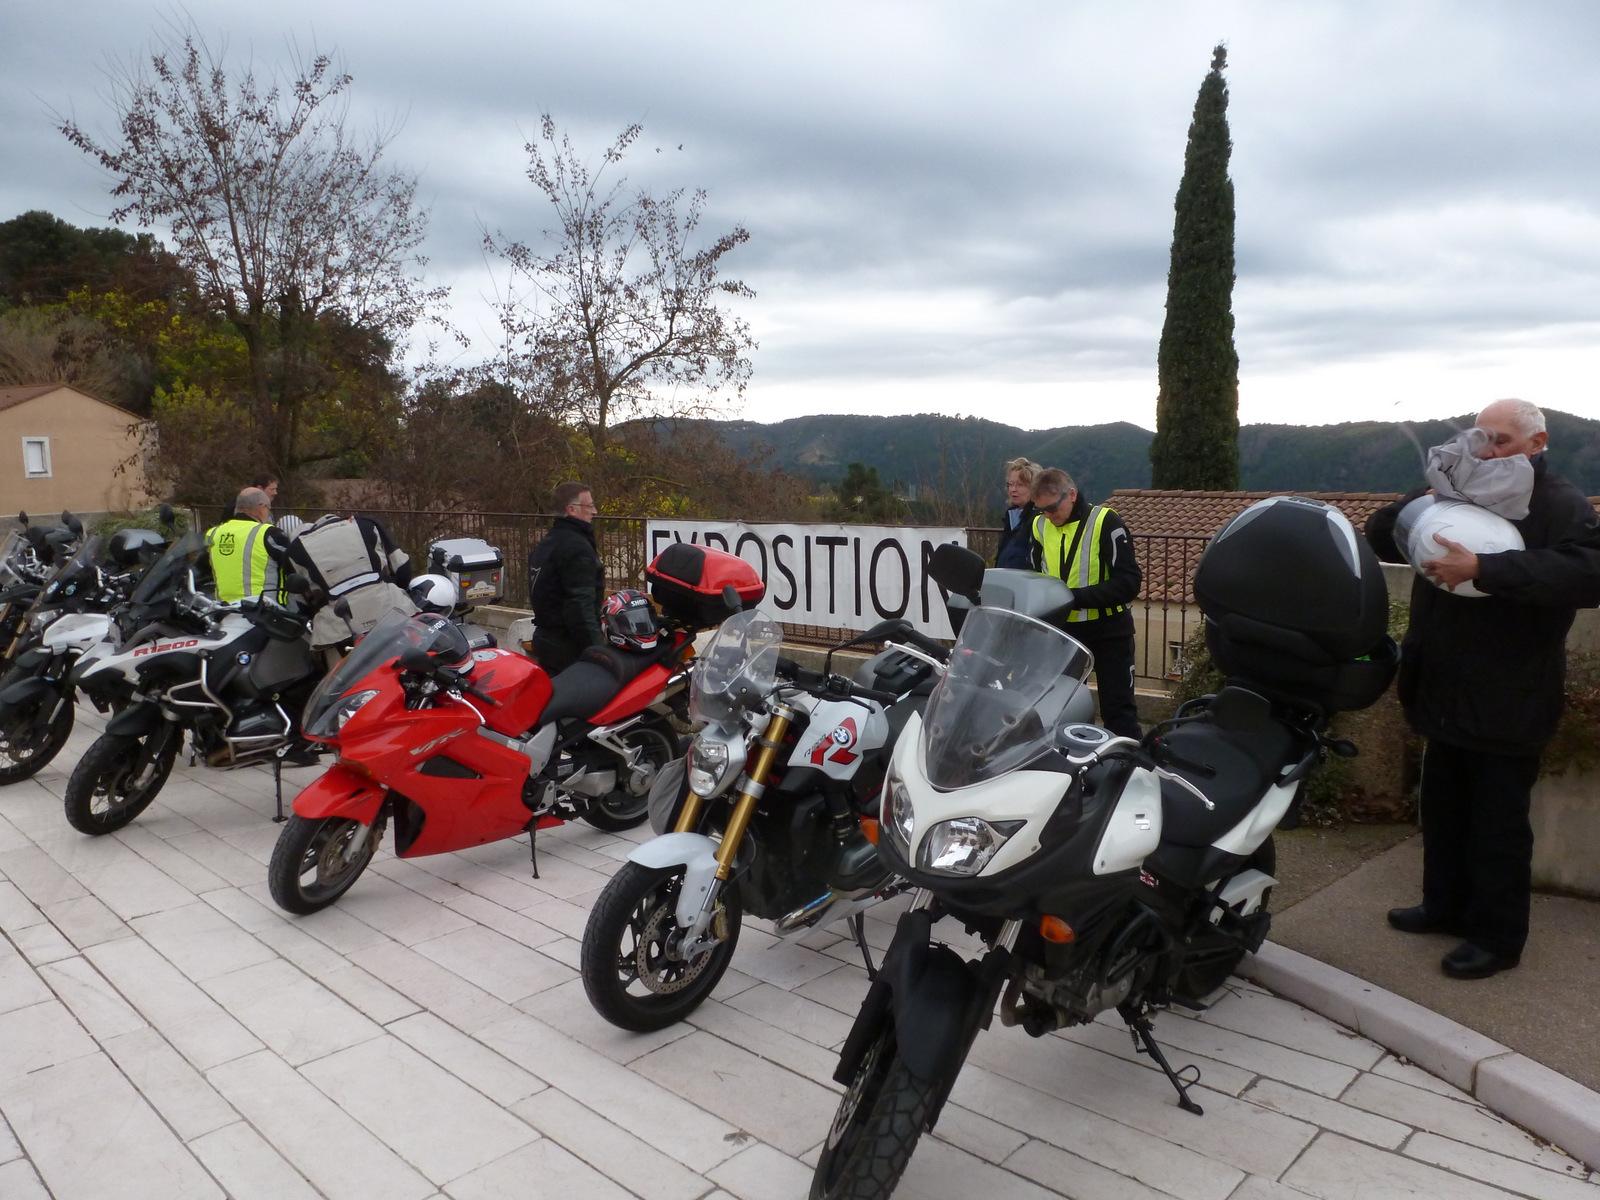 l'exposition des motos est finie on peut y aller ...